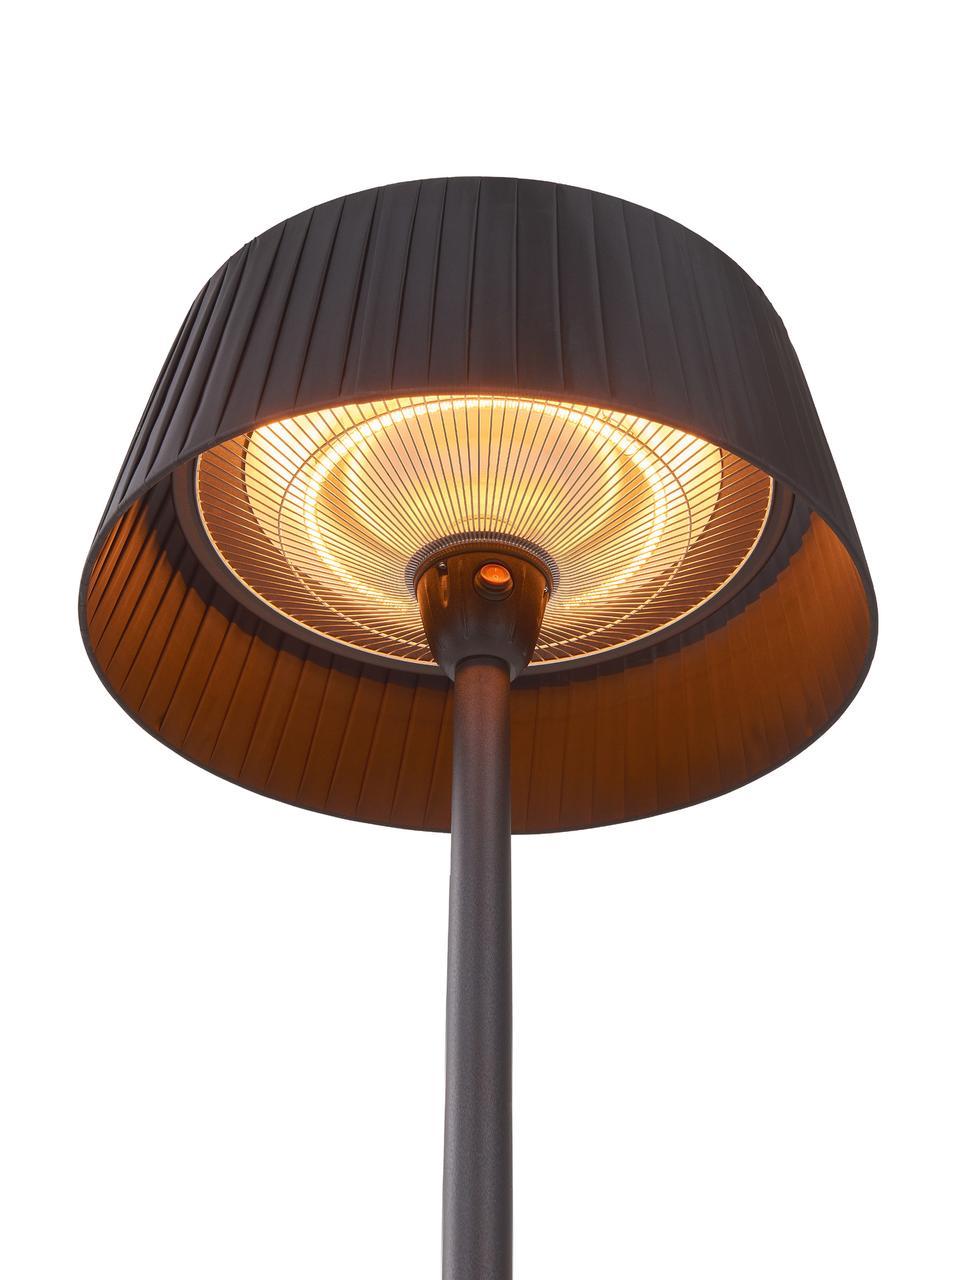 Halogenheizer Patio, strombetrieben, Lampenschirm: Edelstahl, Aluminium, bes, Fuß: Edelstahl, beschichtet, Schwarz, Ø 50 cm